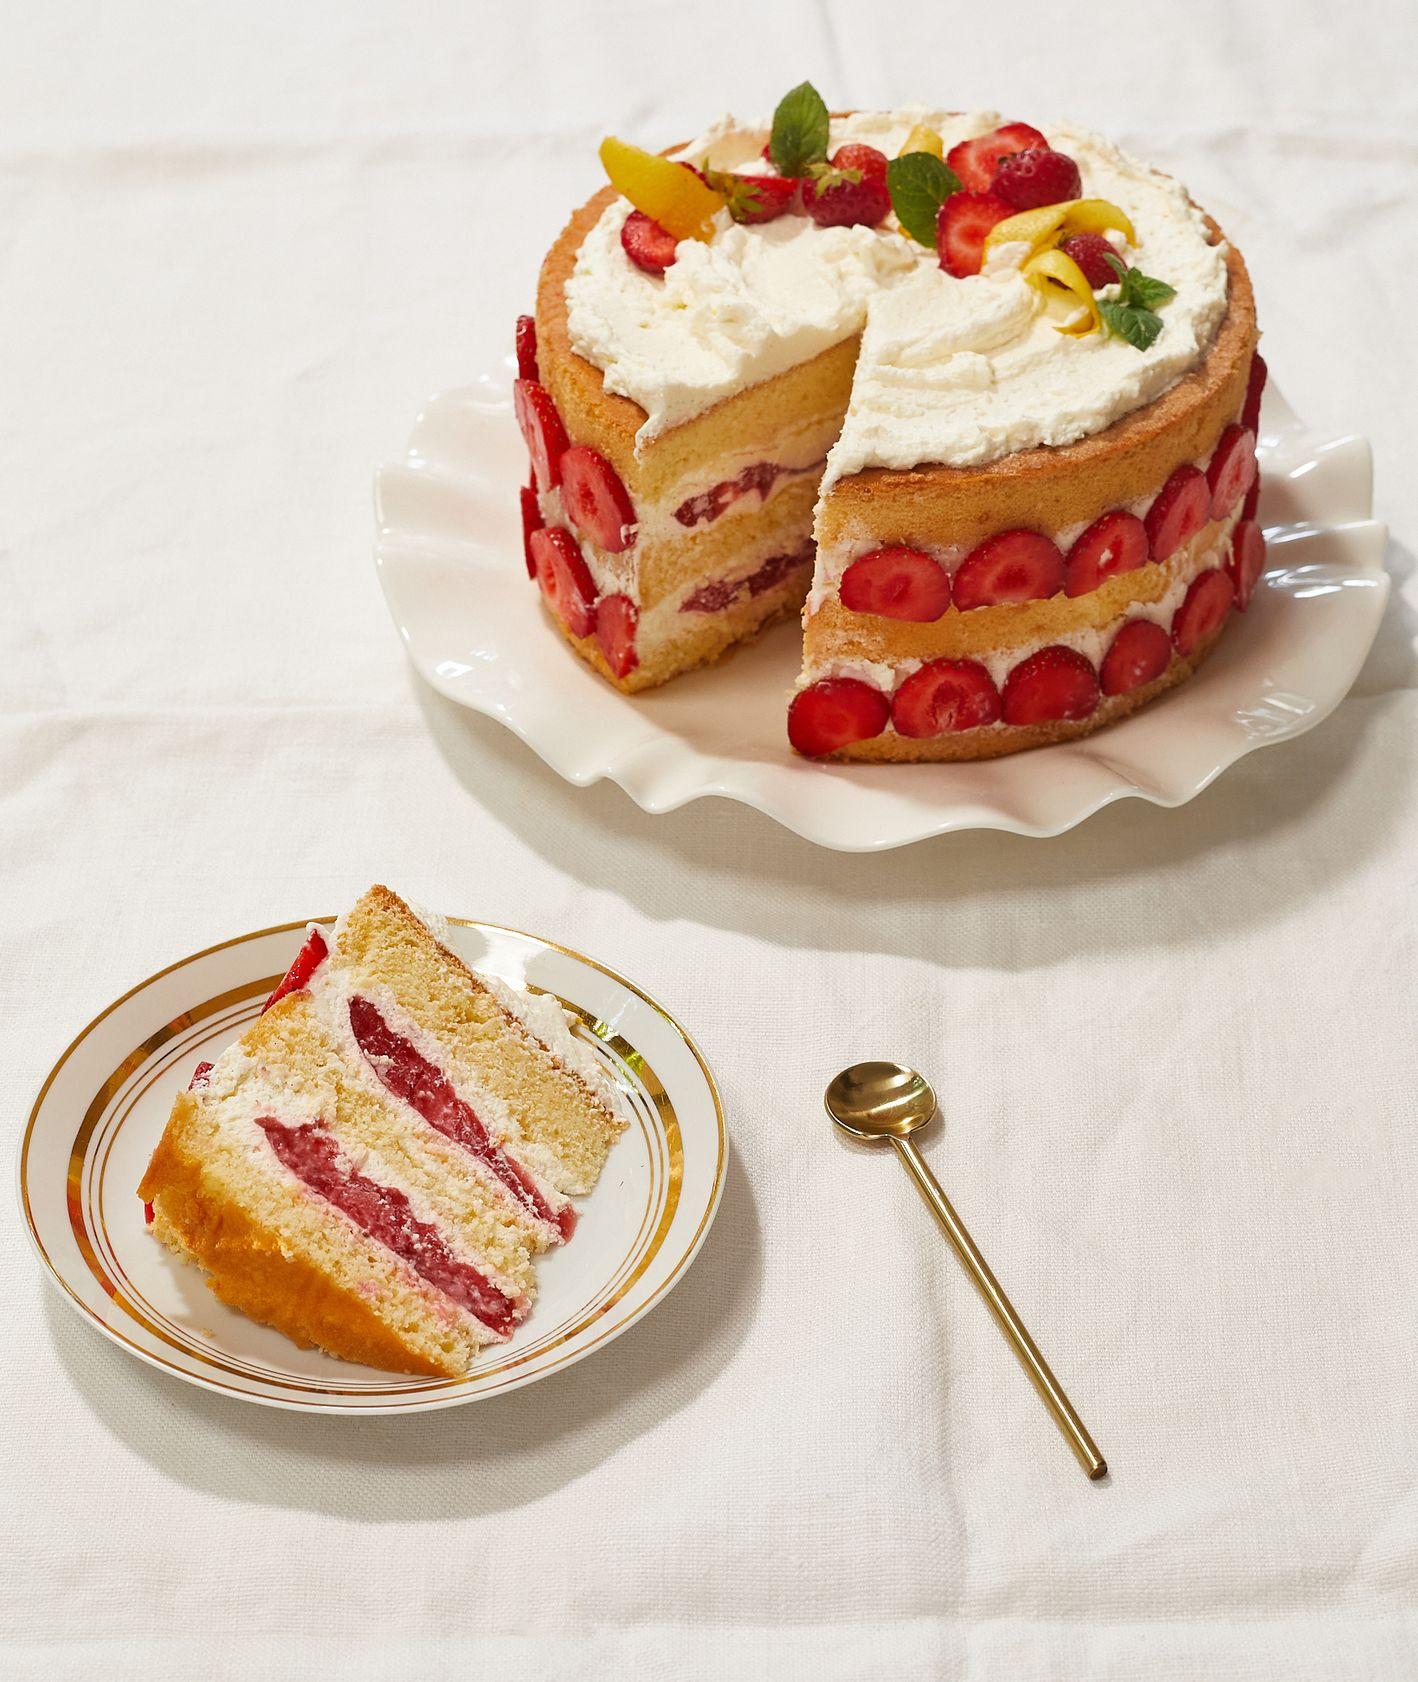 Przepis na tort waniliowo-truskawkowy, idealny deser na lato z truskawkami (fot. Maciej Niemojewski)